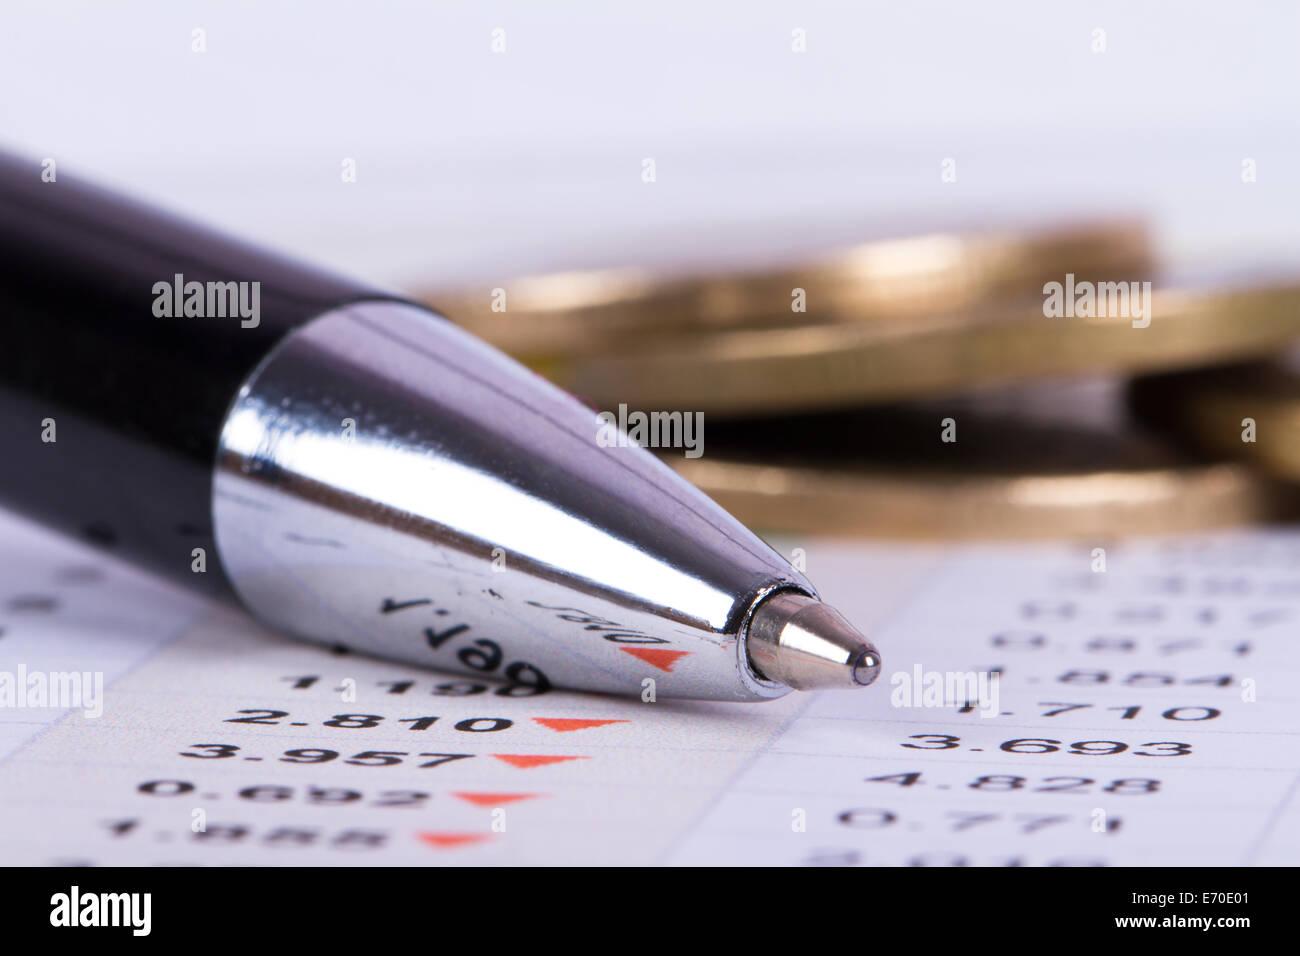 Vista ravvicinata della penna su le analisi di dati finanziari e delle monete metalliche in euro alle spalle. Immagini Stock